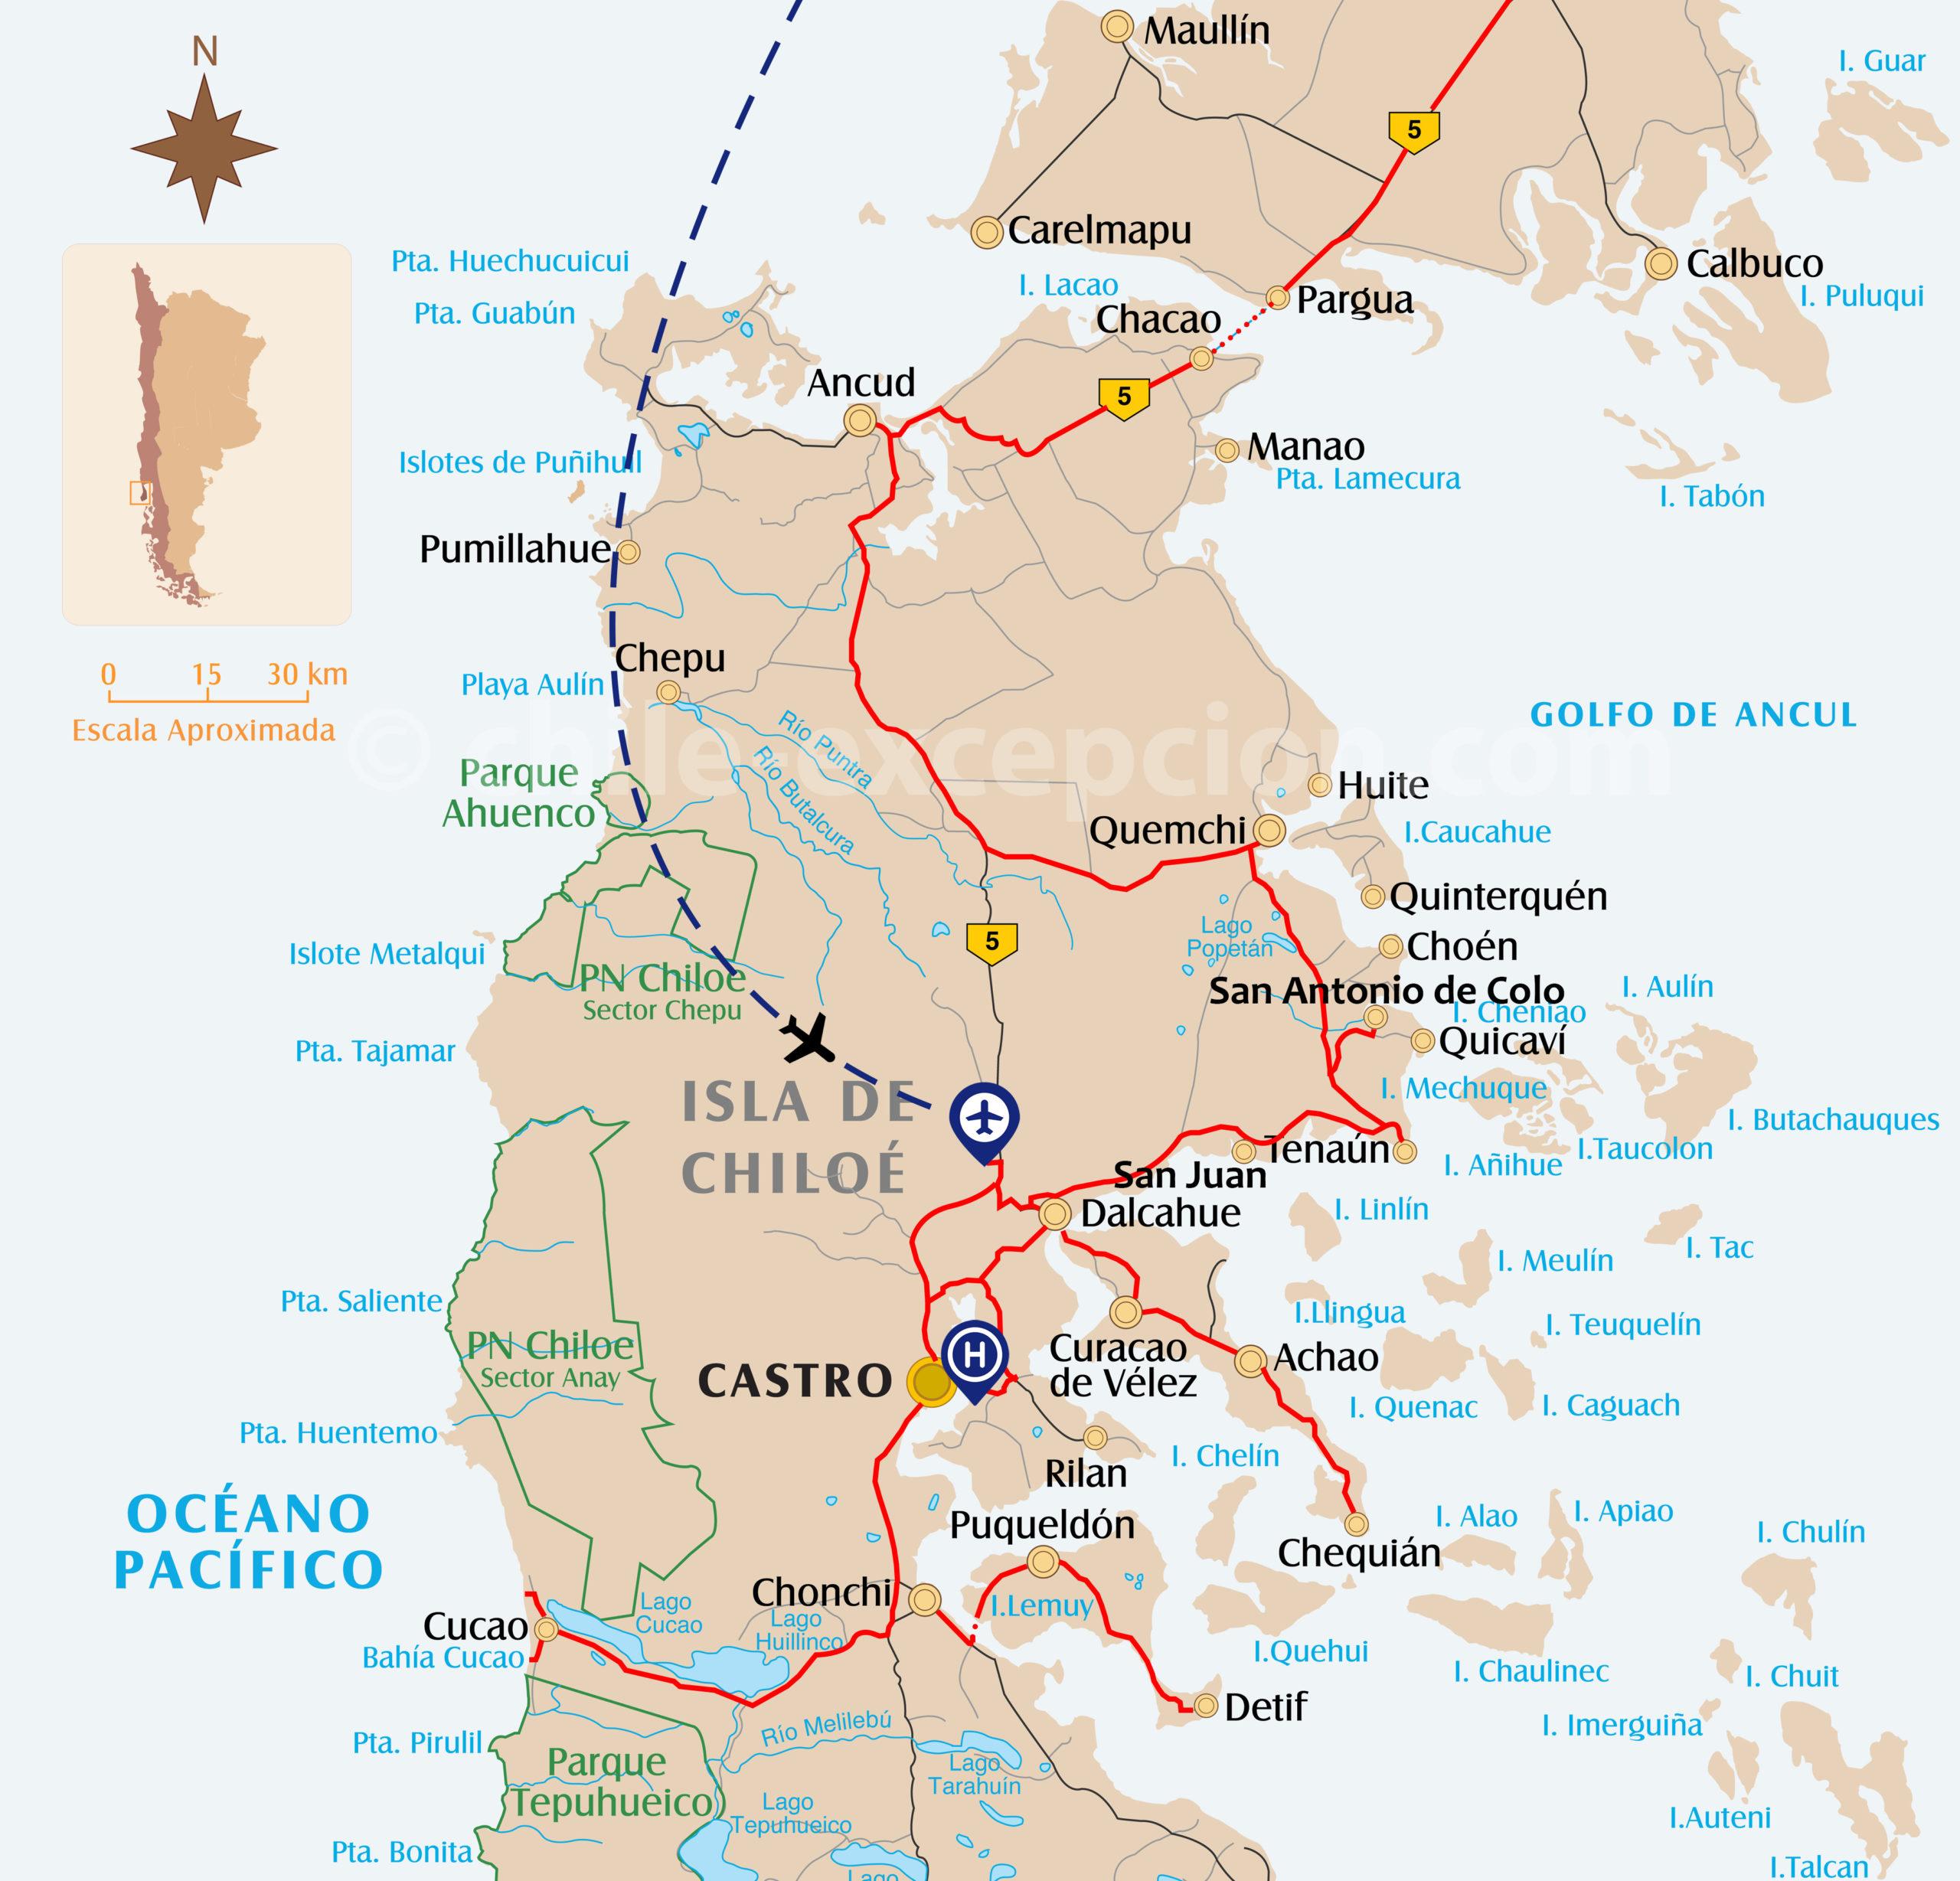 Voyage Autotour Chiloé 15